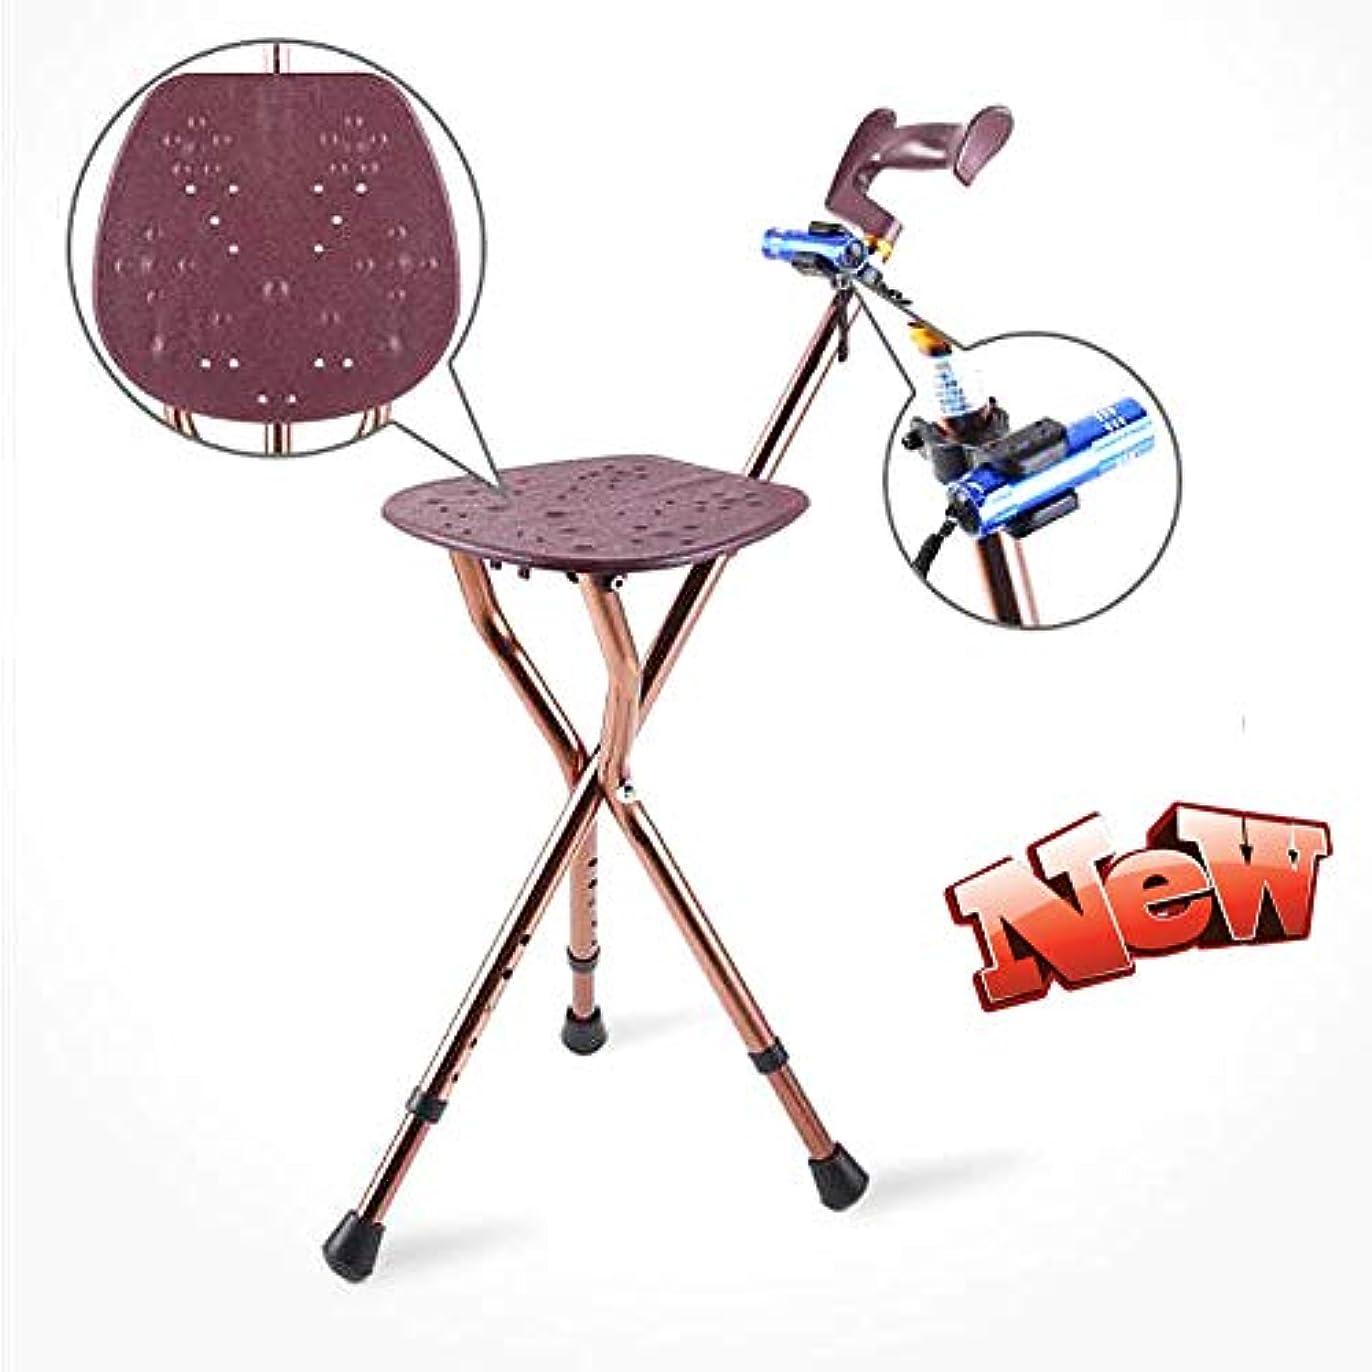 ジャム彼ら南東調節可能な高さの松葉杖ラウンジチェア、三脚杖椅子、高齢者リハビリテーション用品用アルミニウム杖椅子-弓型グリップ、コーヒー